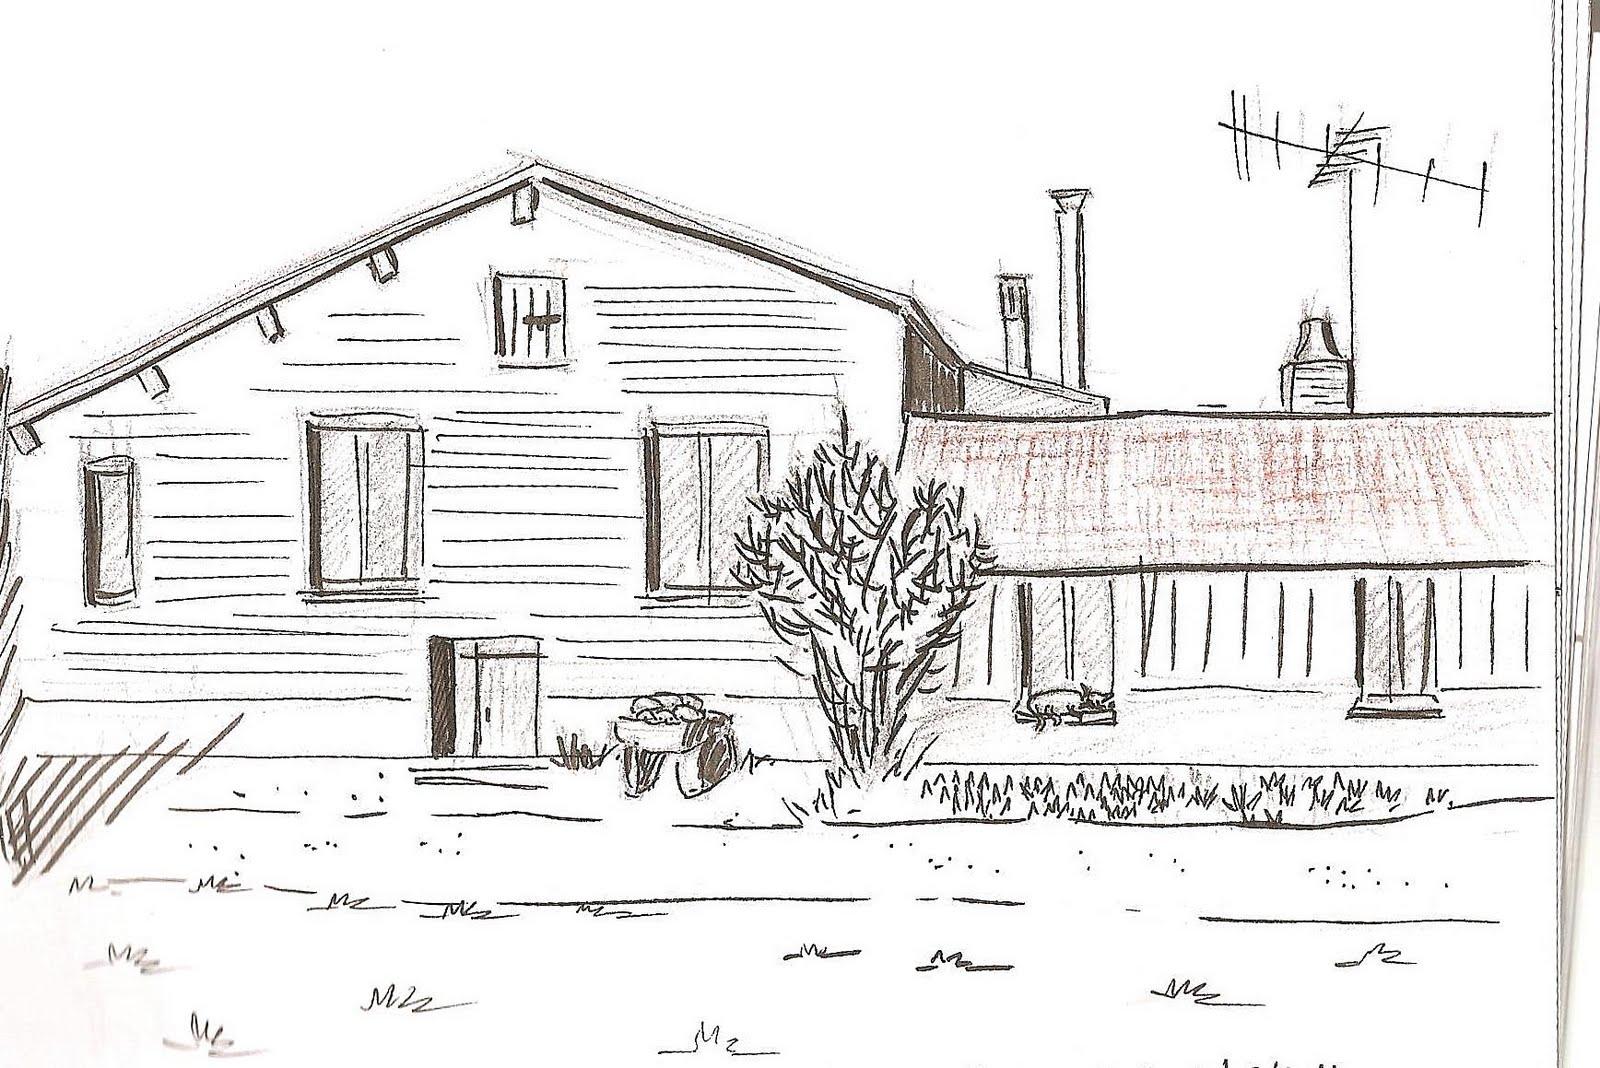 Globulle satirique croquis de moncontour for Croquis d une maison